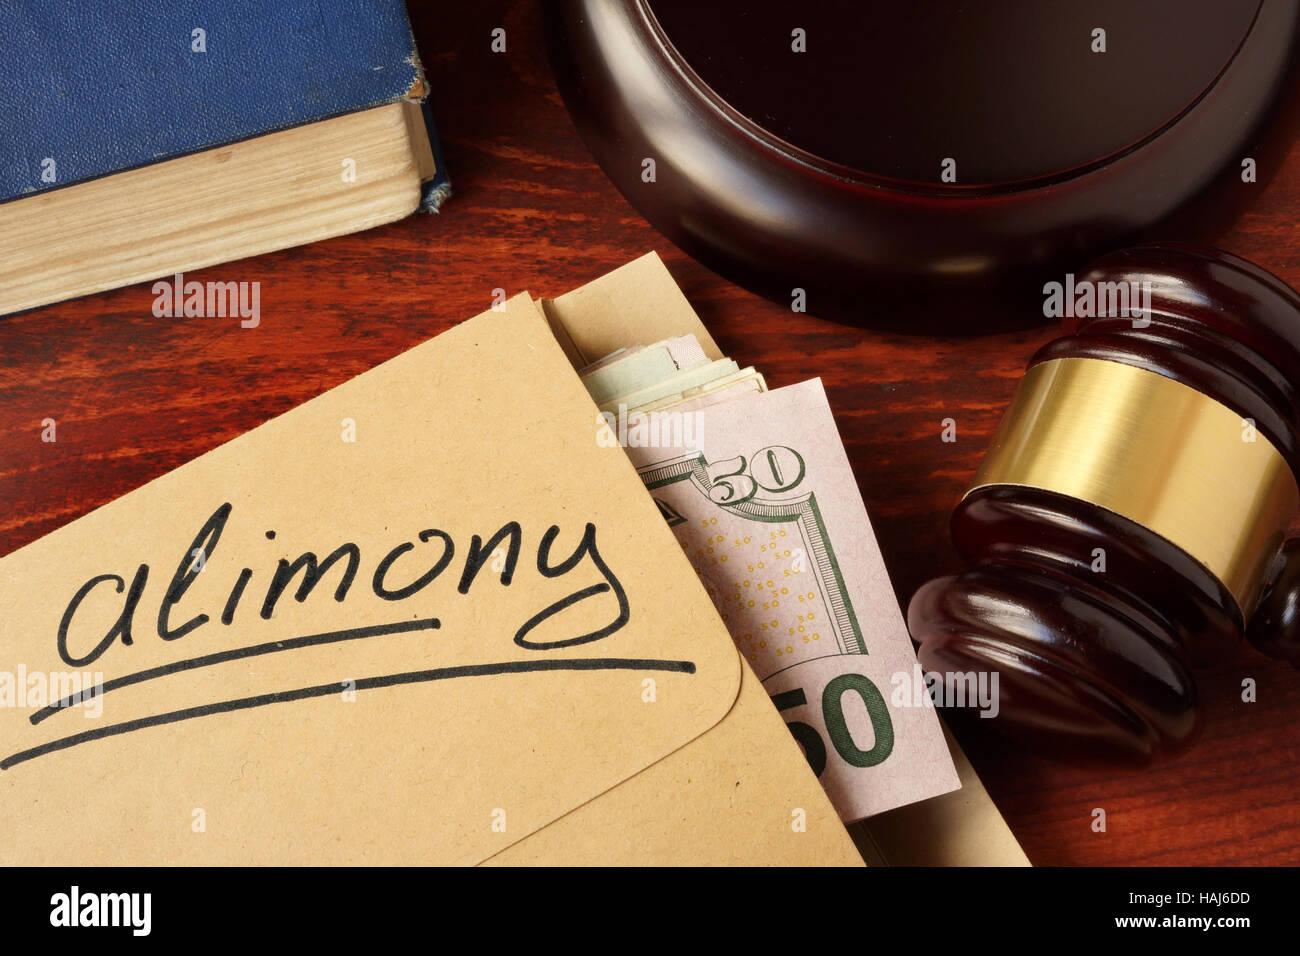 Alimony concetto. Una busta con il denaro contante su un tavolo. Immagini Stock